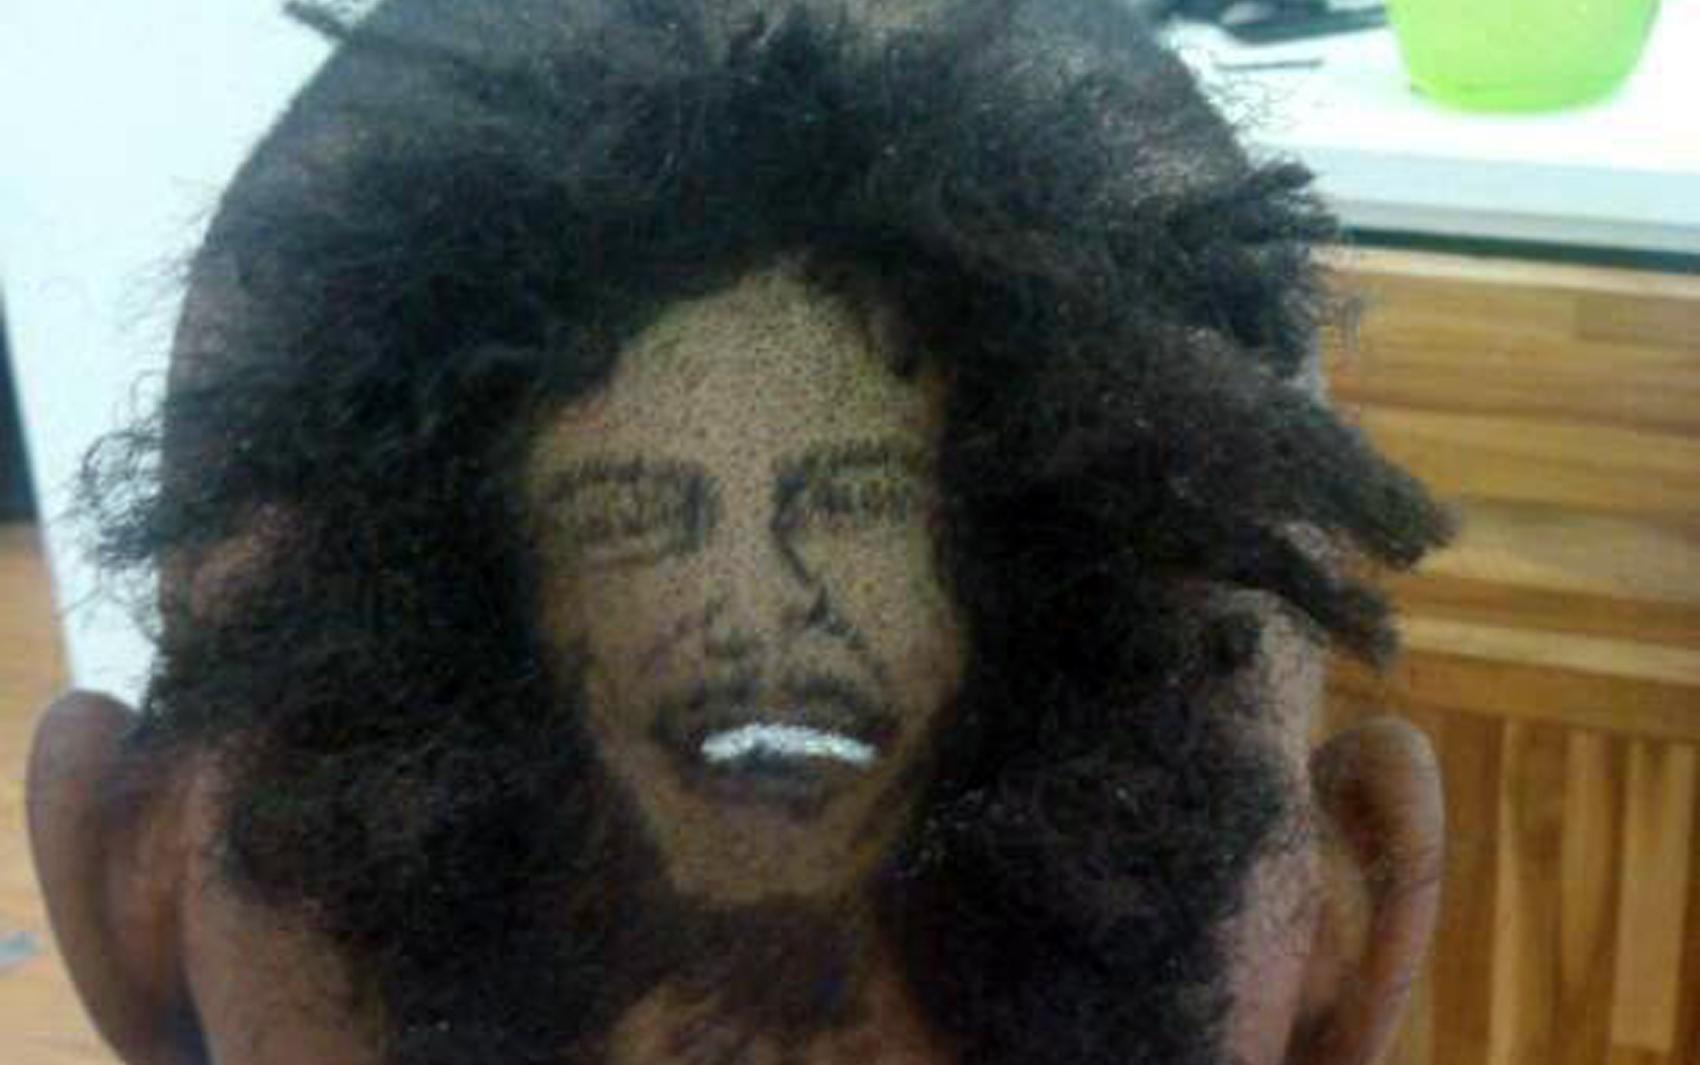 O cantor Bob Marley foi retratado com irreverência na cabeça de um cliente